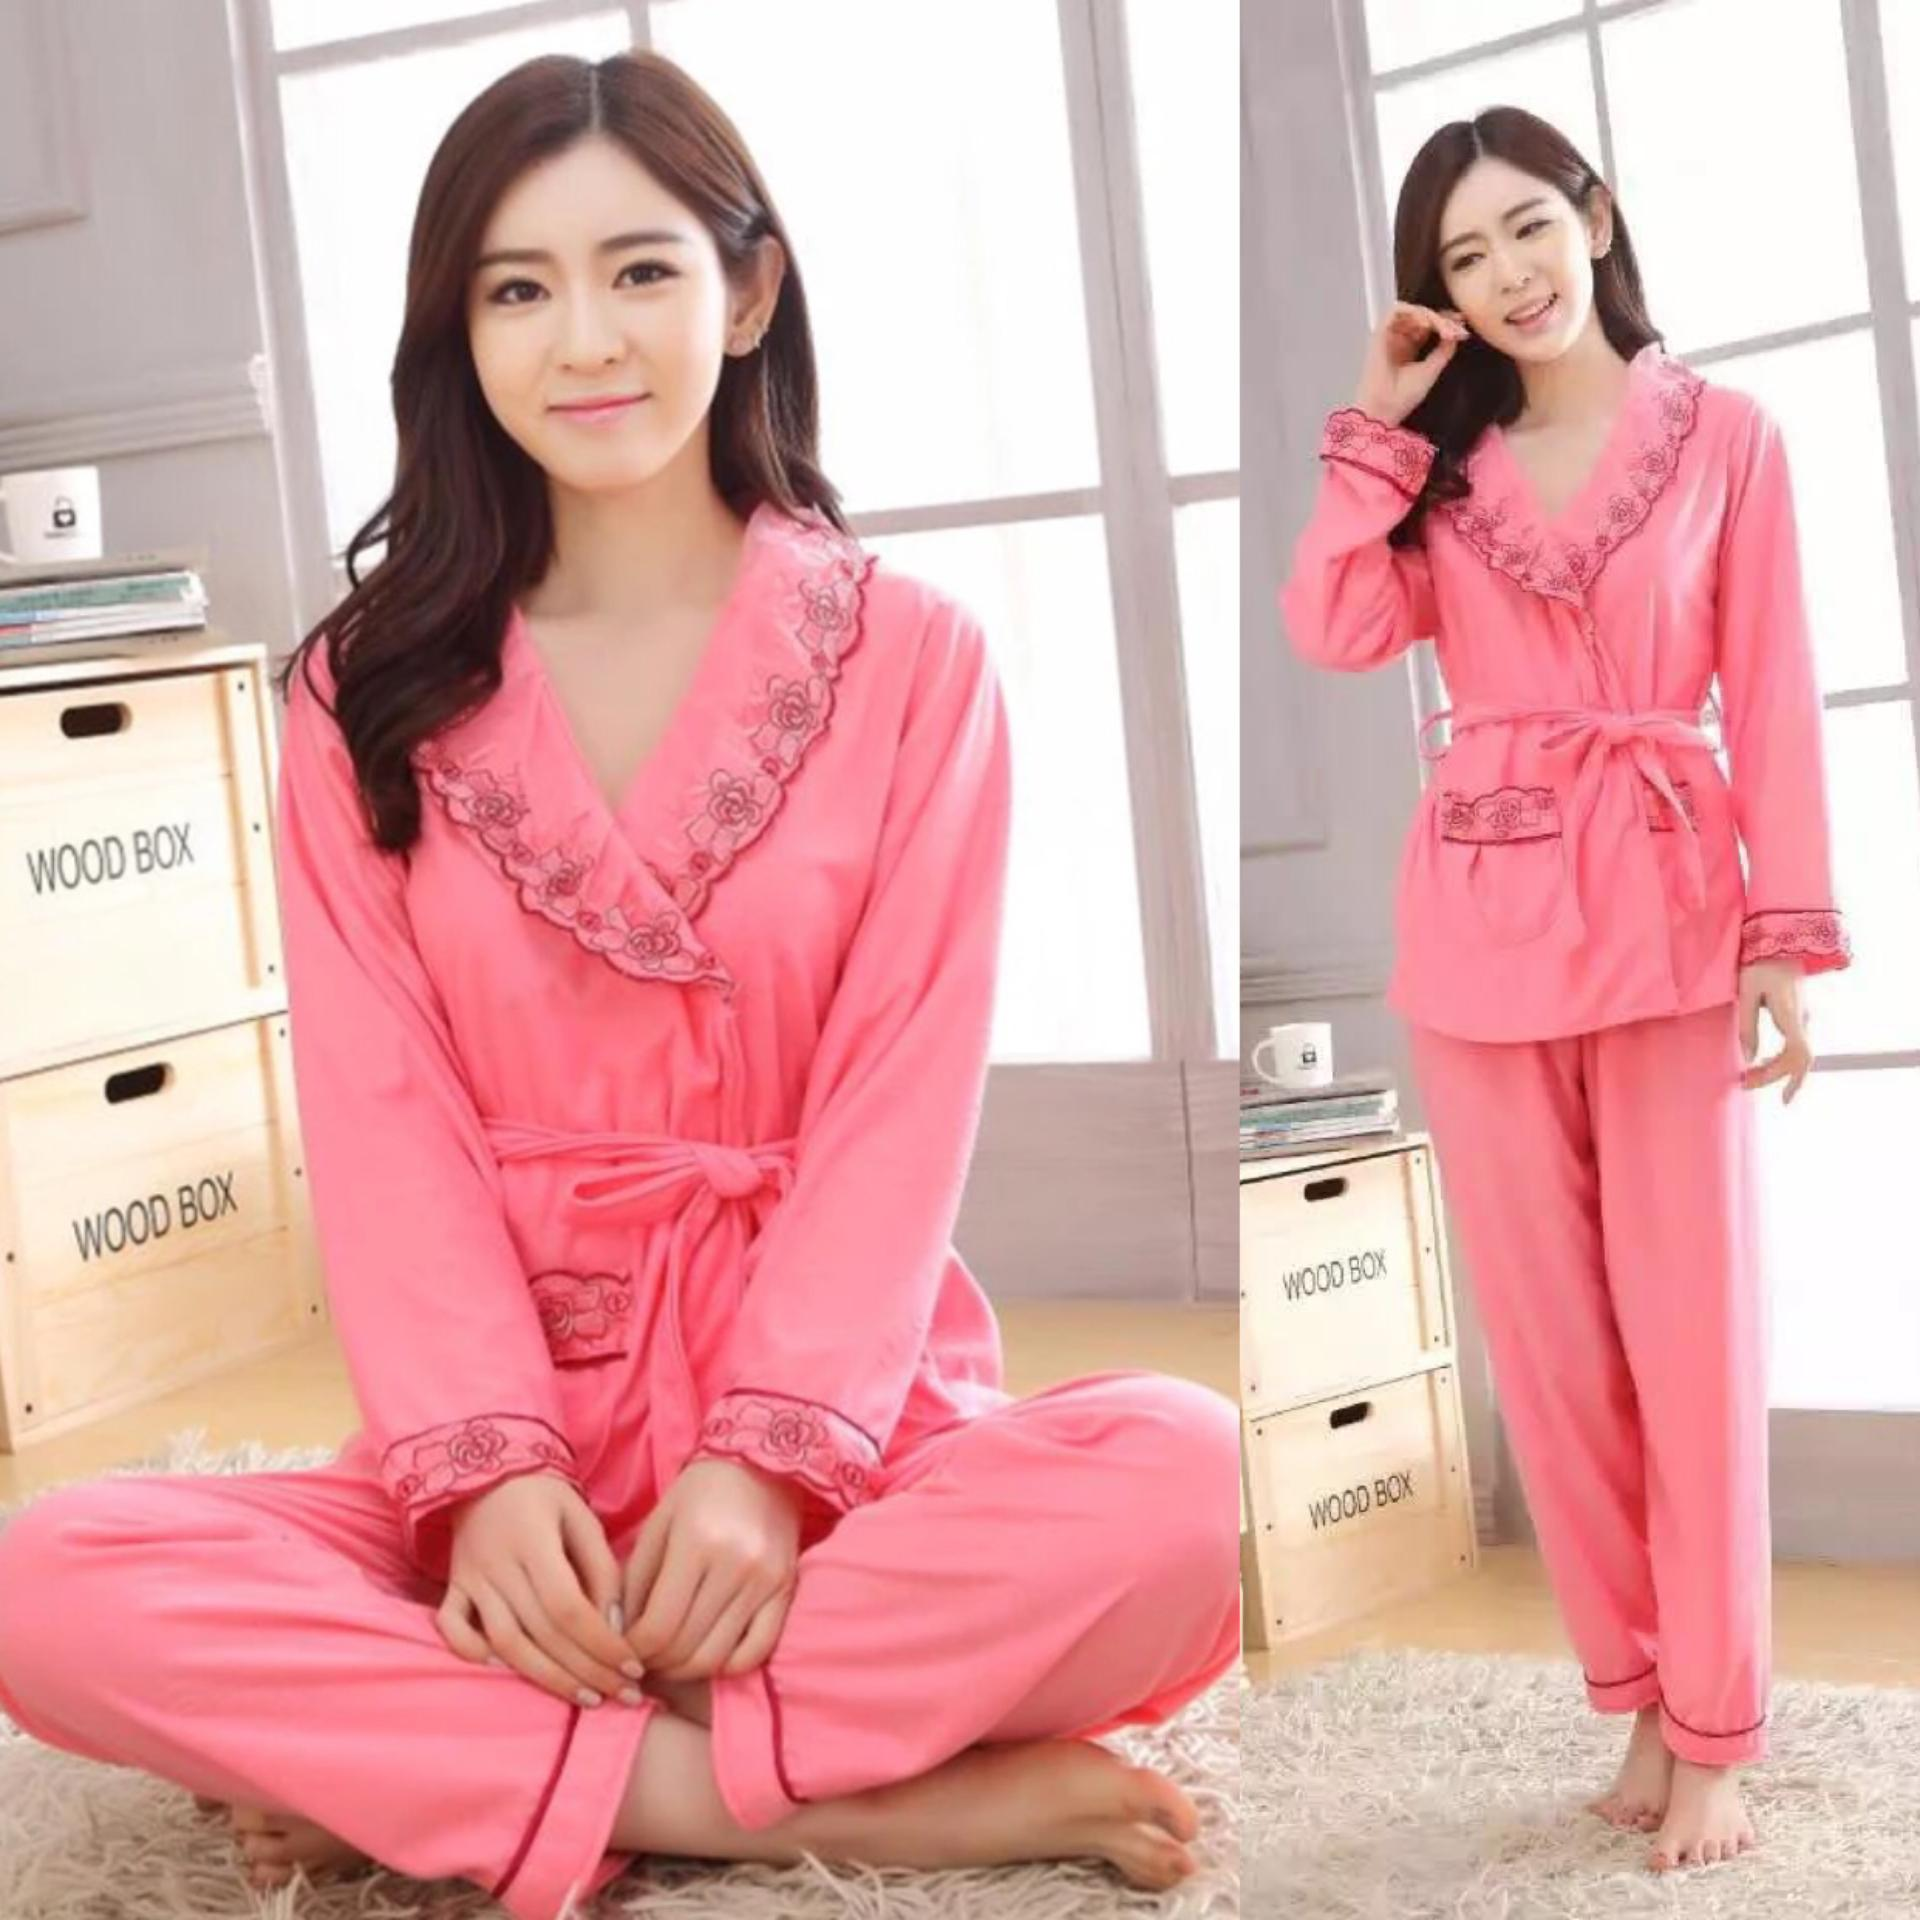 Baju Tidur Import Panjang Daftar Update Harga Terbaru Indonesia Piyama Pria Korean Style Kimono Cewek Set Bajutidur Muslim Murah